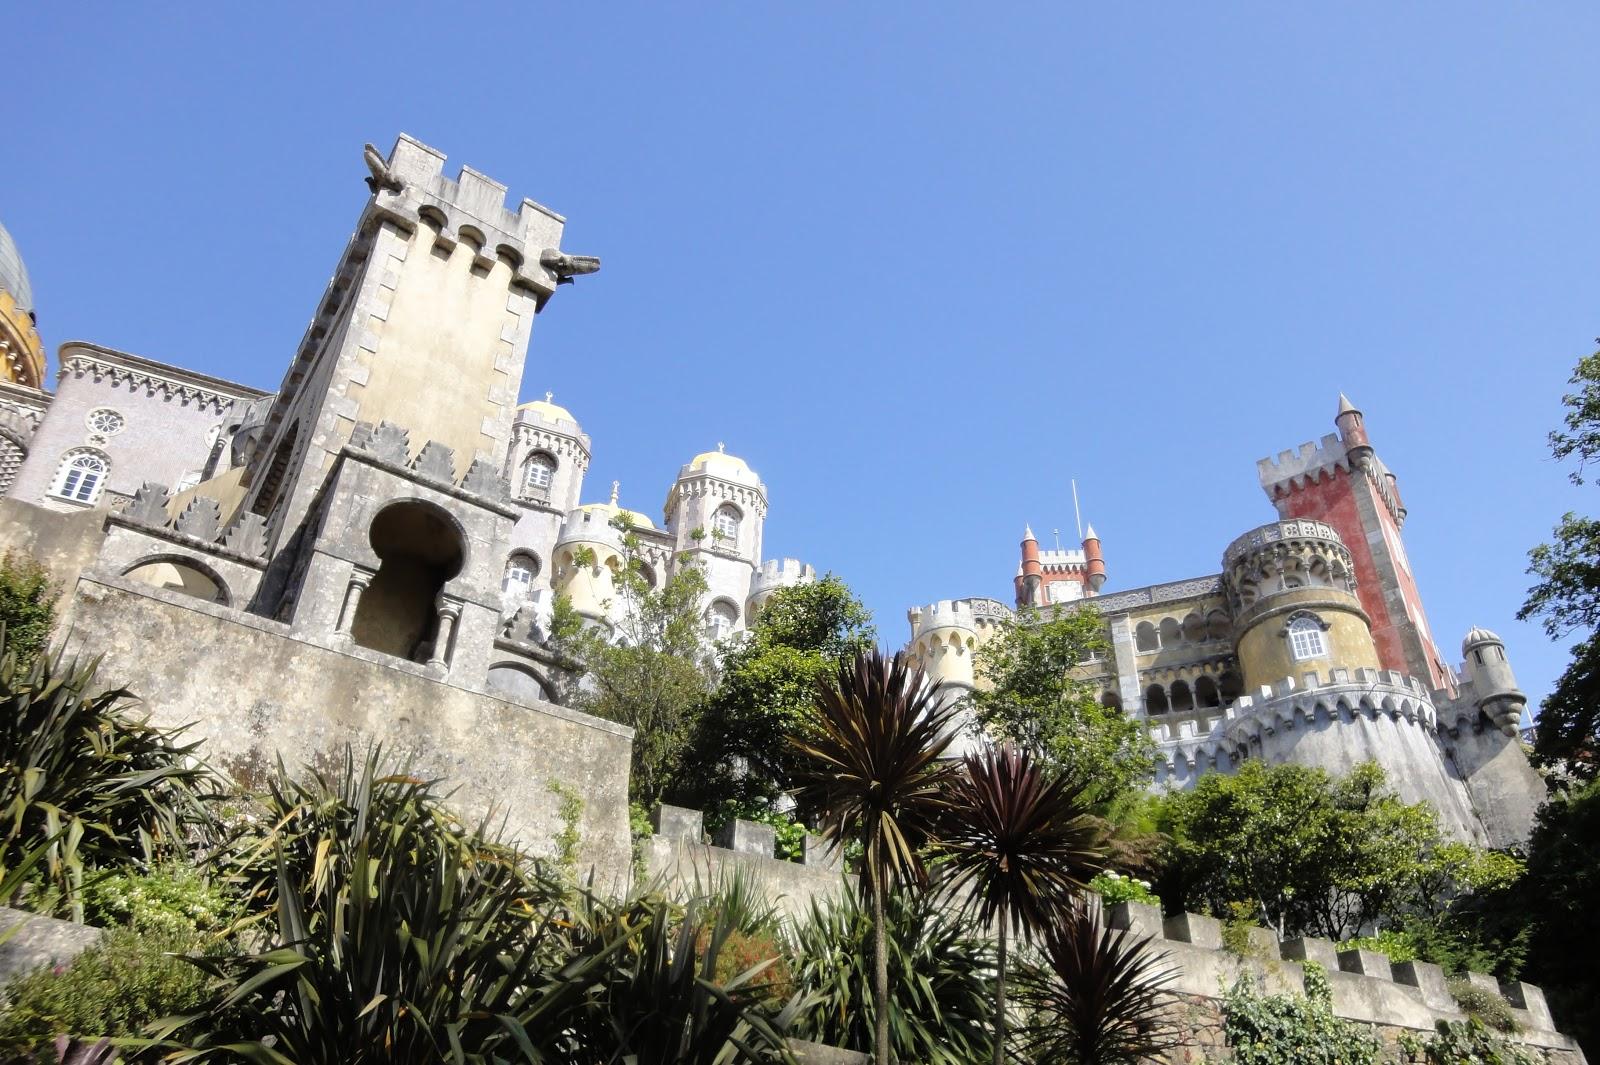 La excursion sintra capital del romanticismo Romanticismo arquitectura